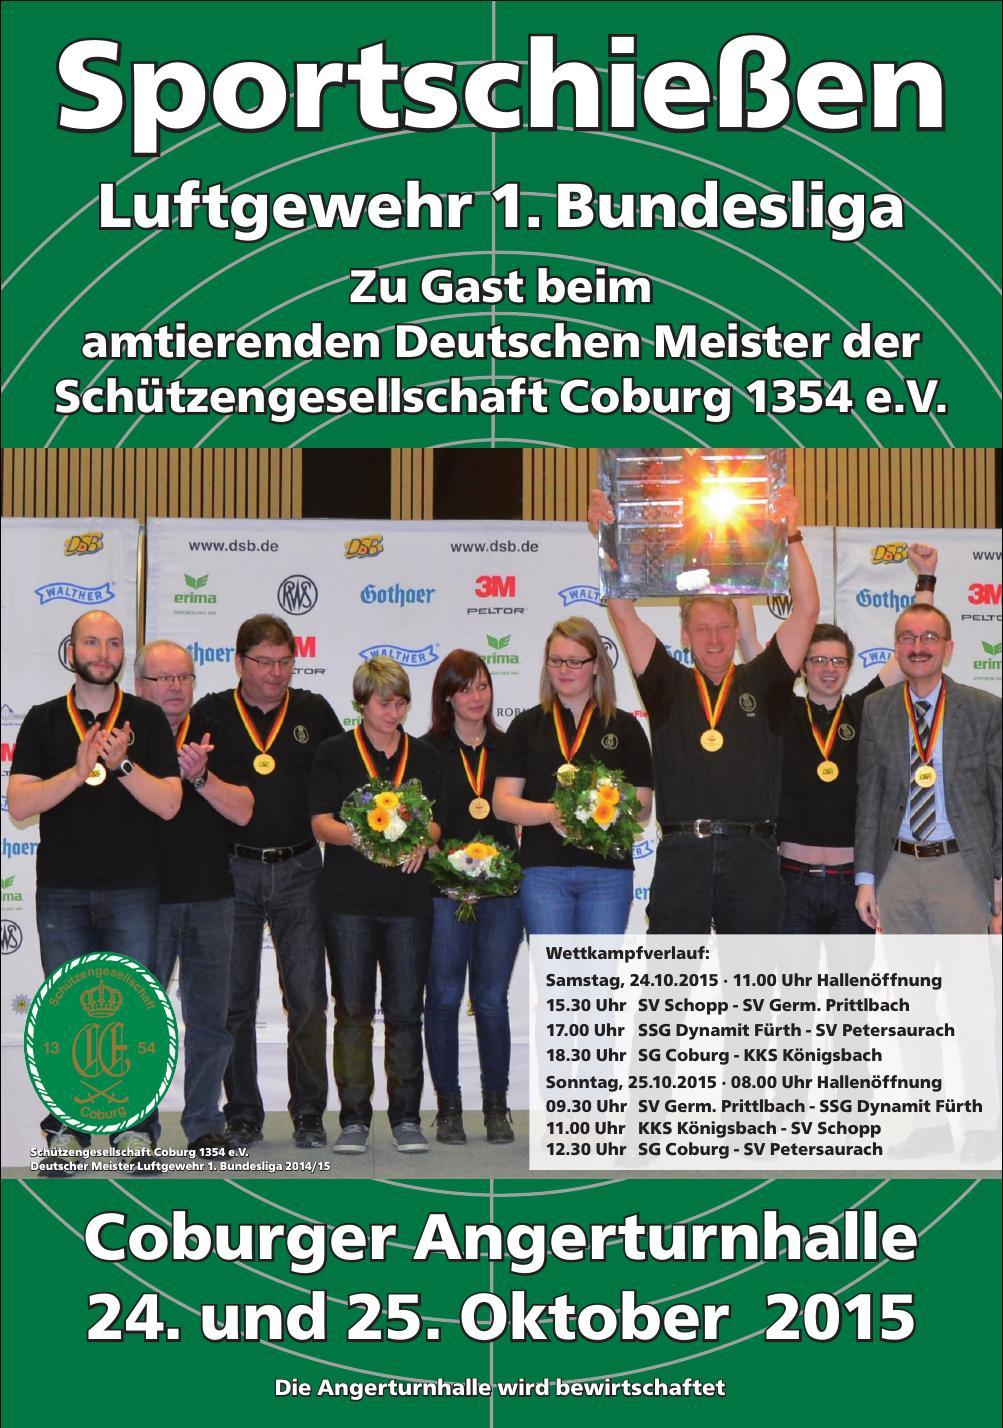 Sportschießen - Luftgewehr 1. Bundesliga